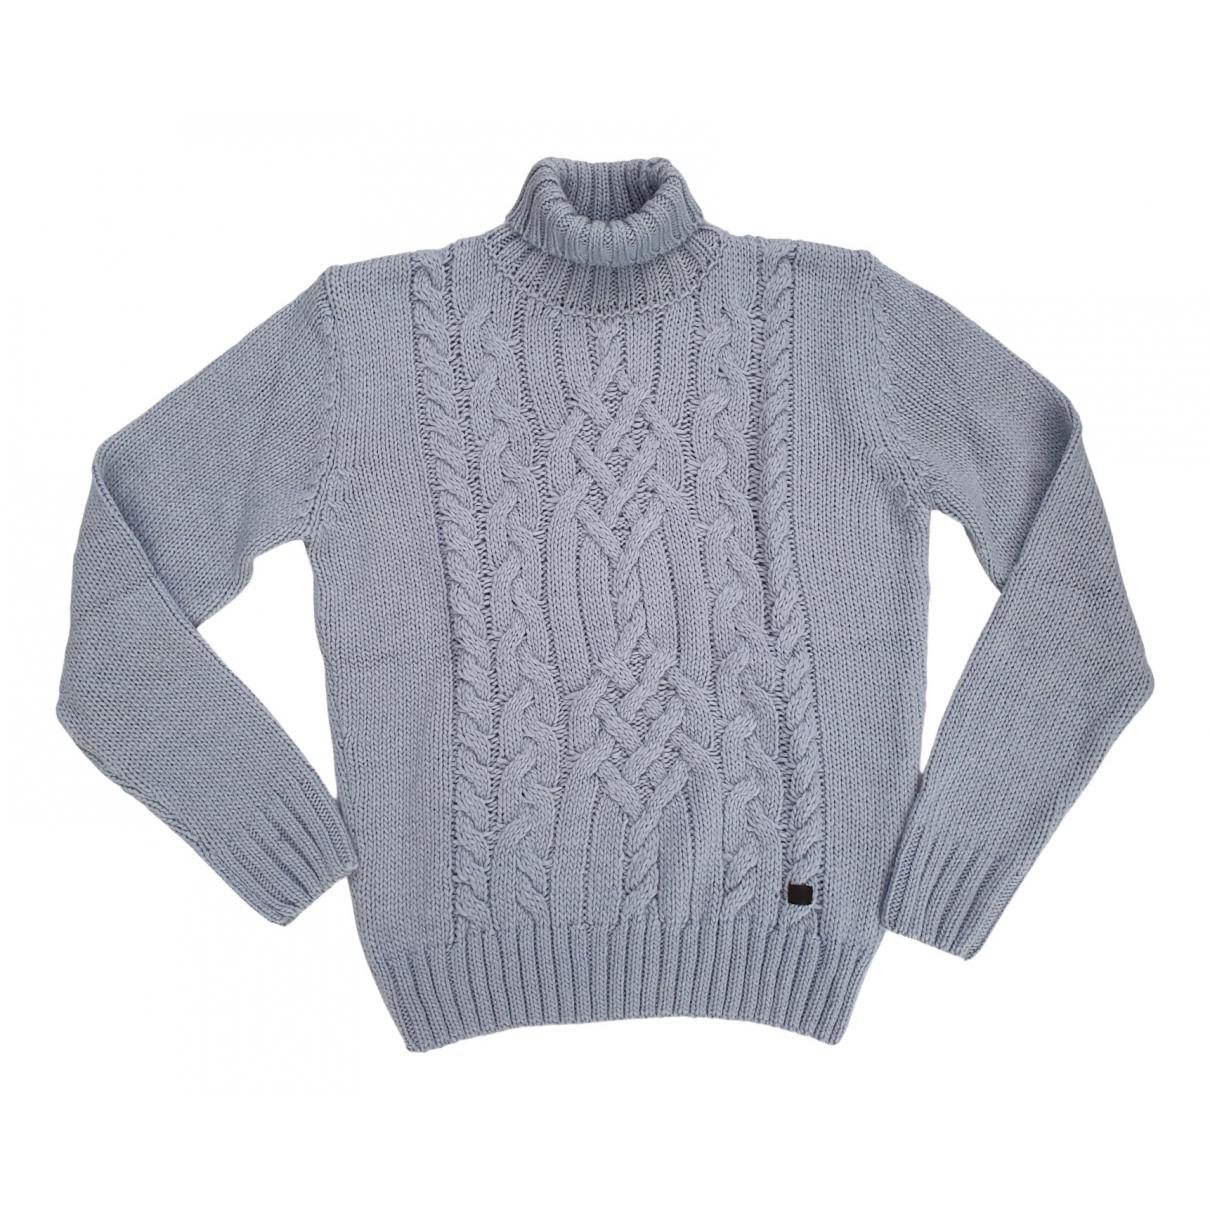 Trussardi N Wool Knitwear & Sweatshirts for Men M International